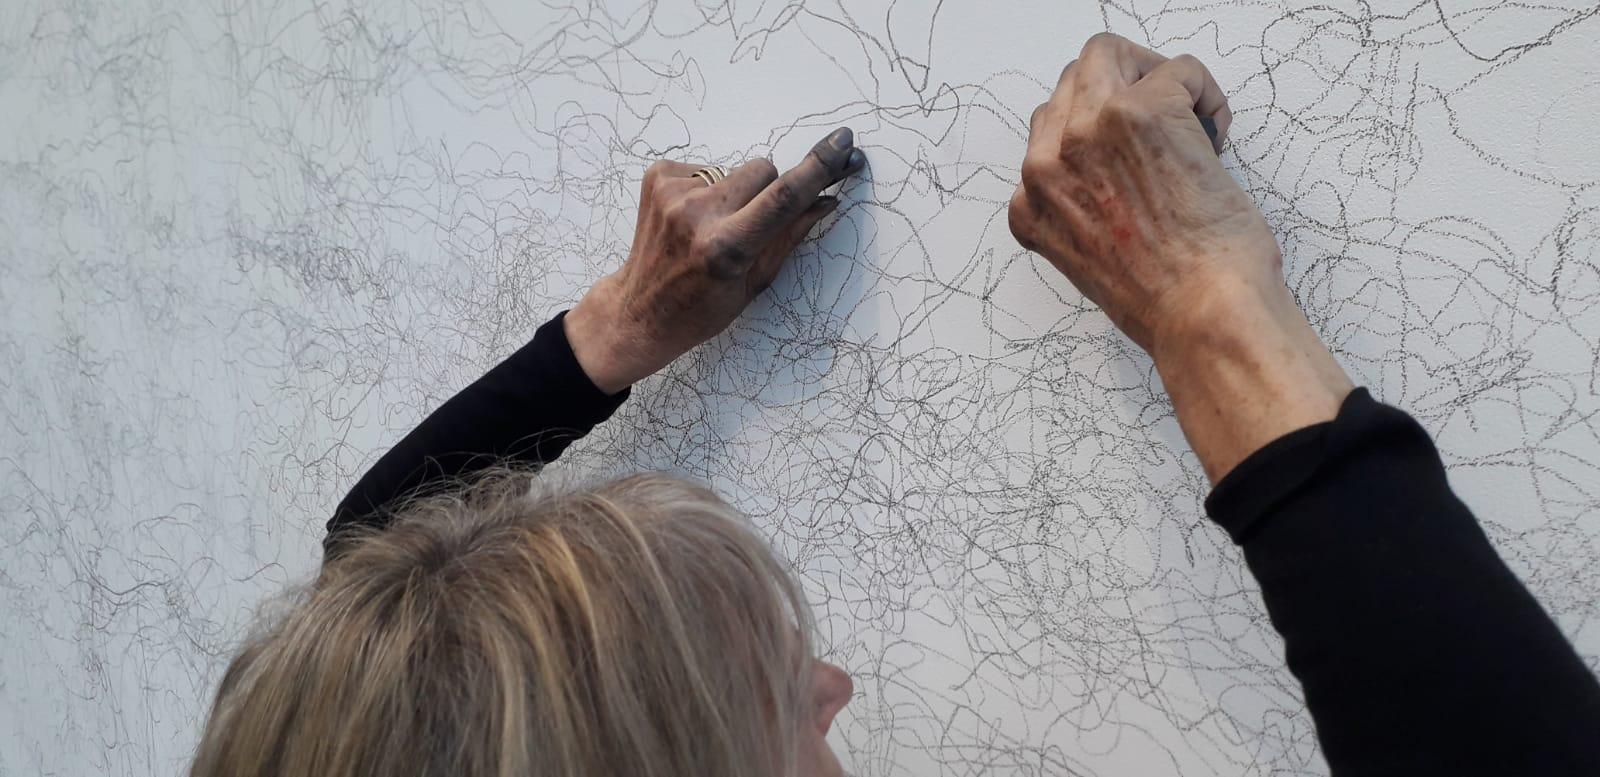 Exhibition, Visual Arts, Performing